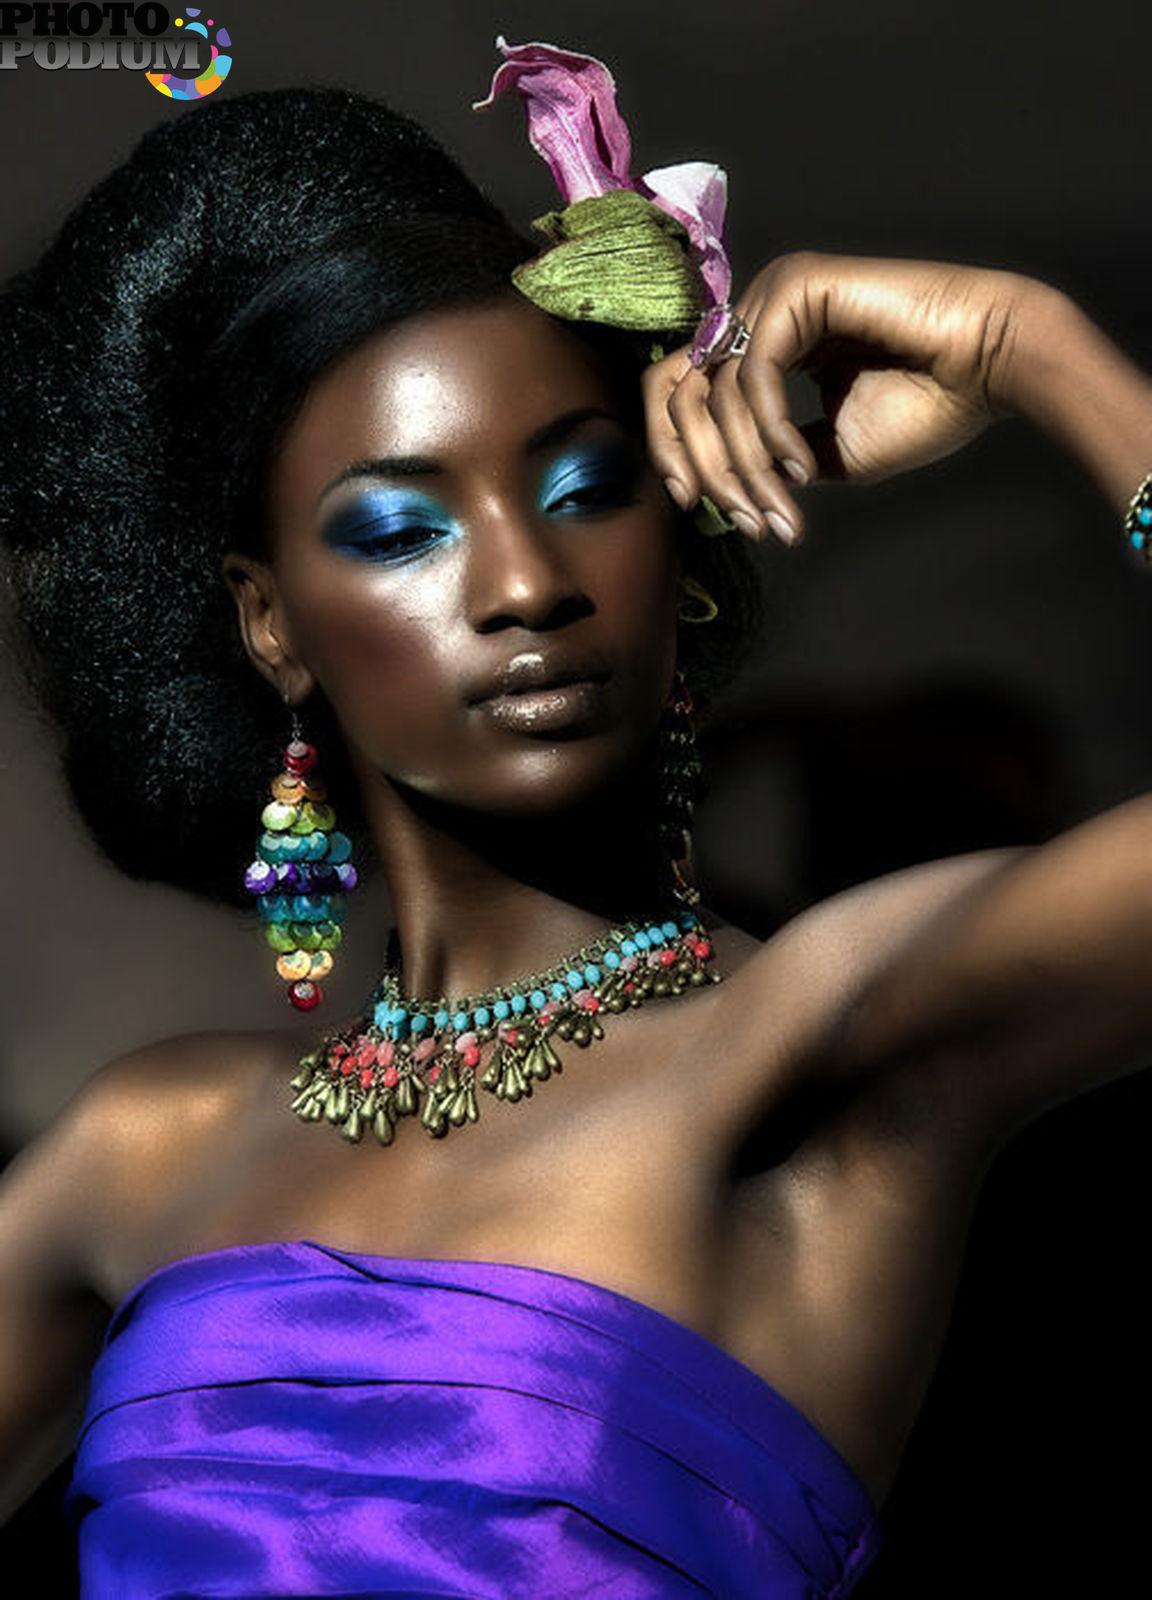 Художественное фото негритянских красавиц 2 фотография